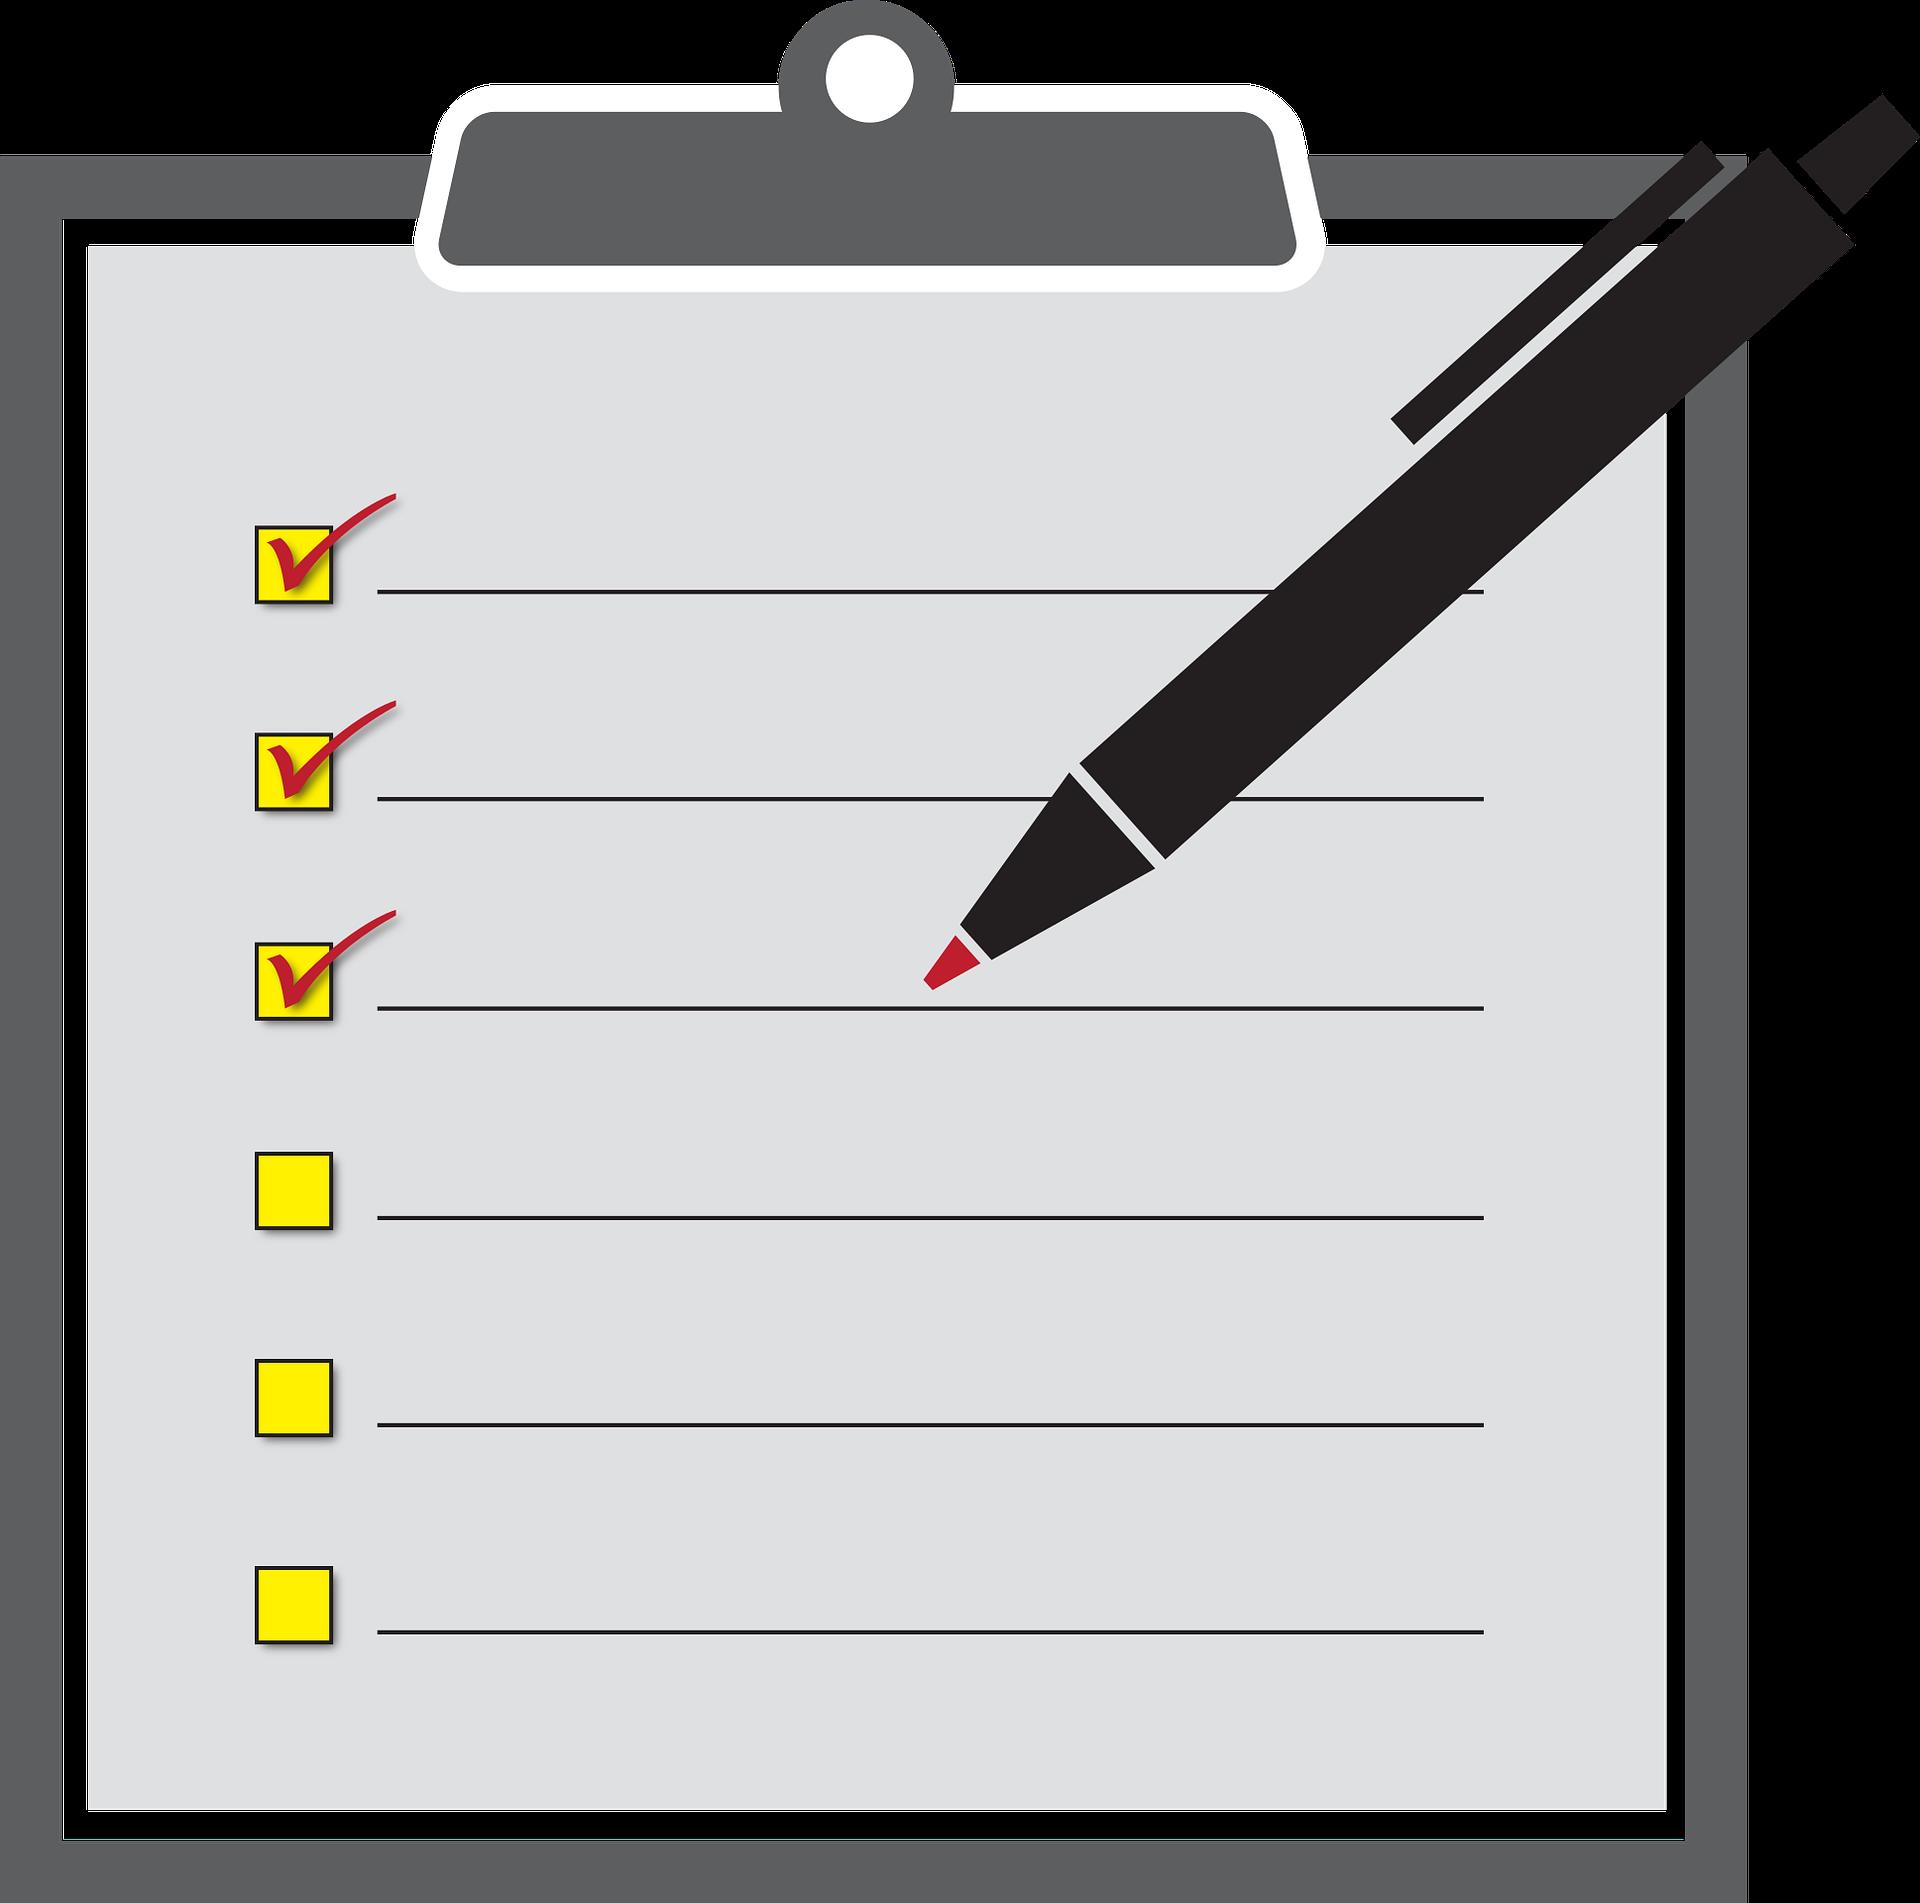 宅配買取のチェック表